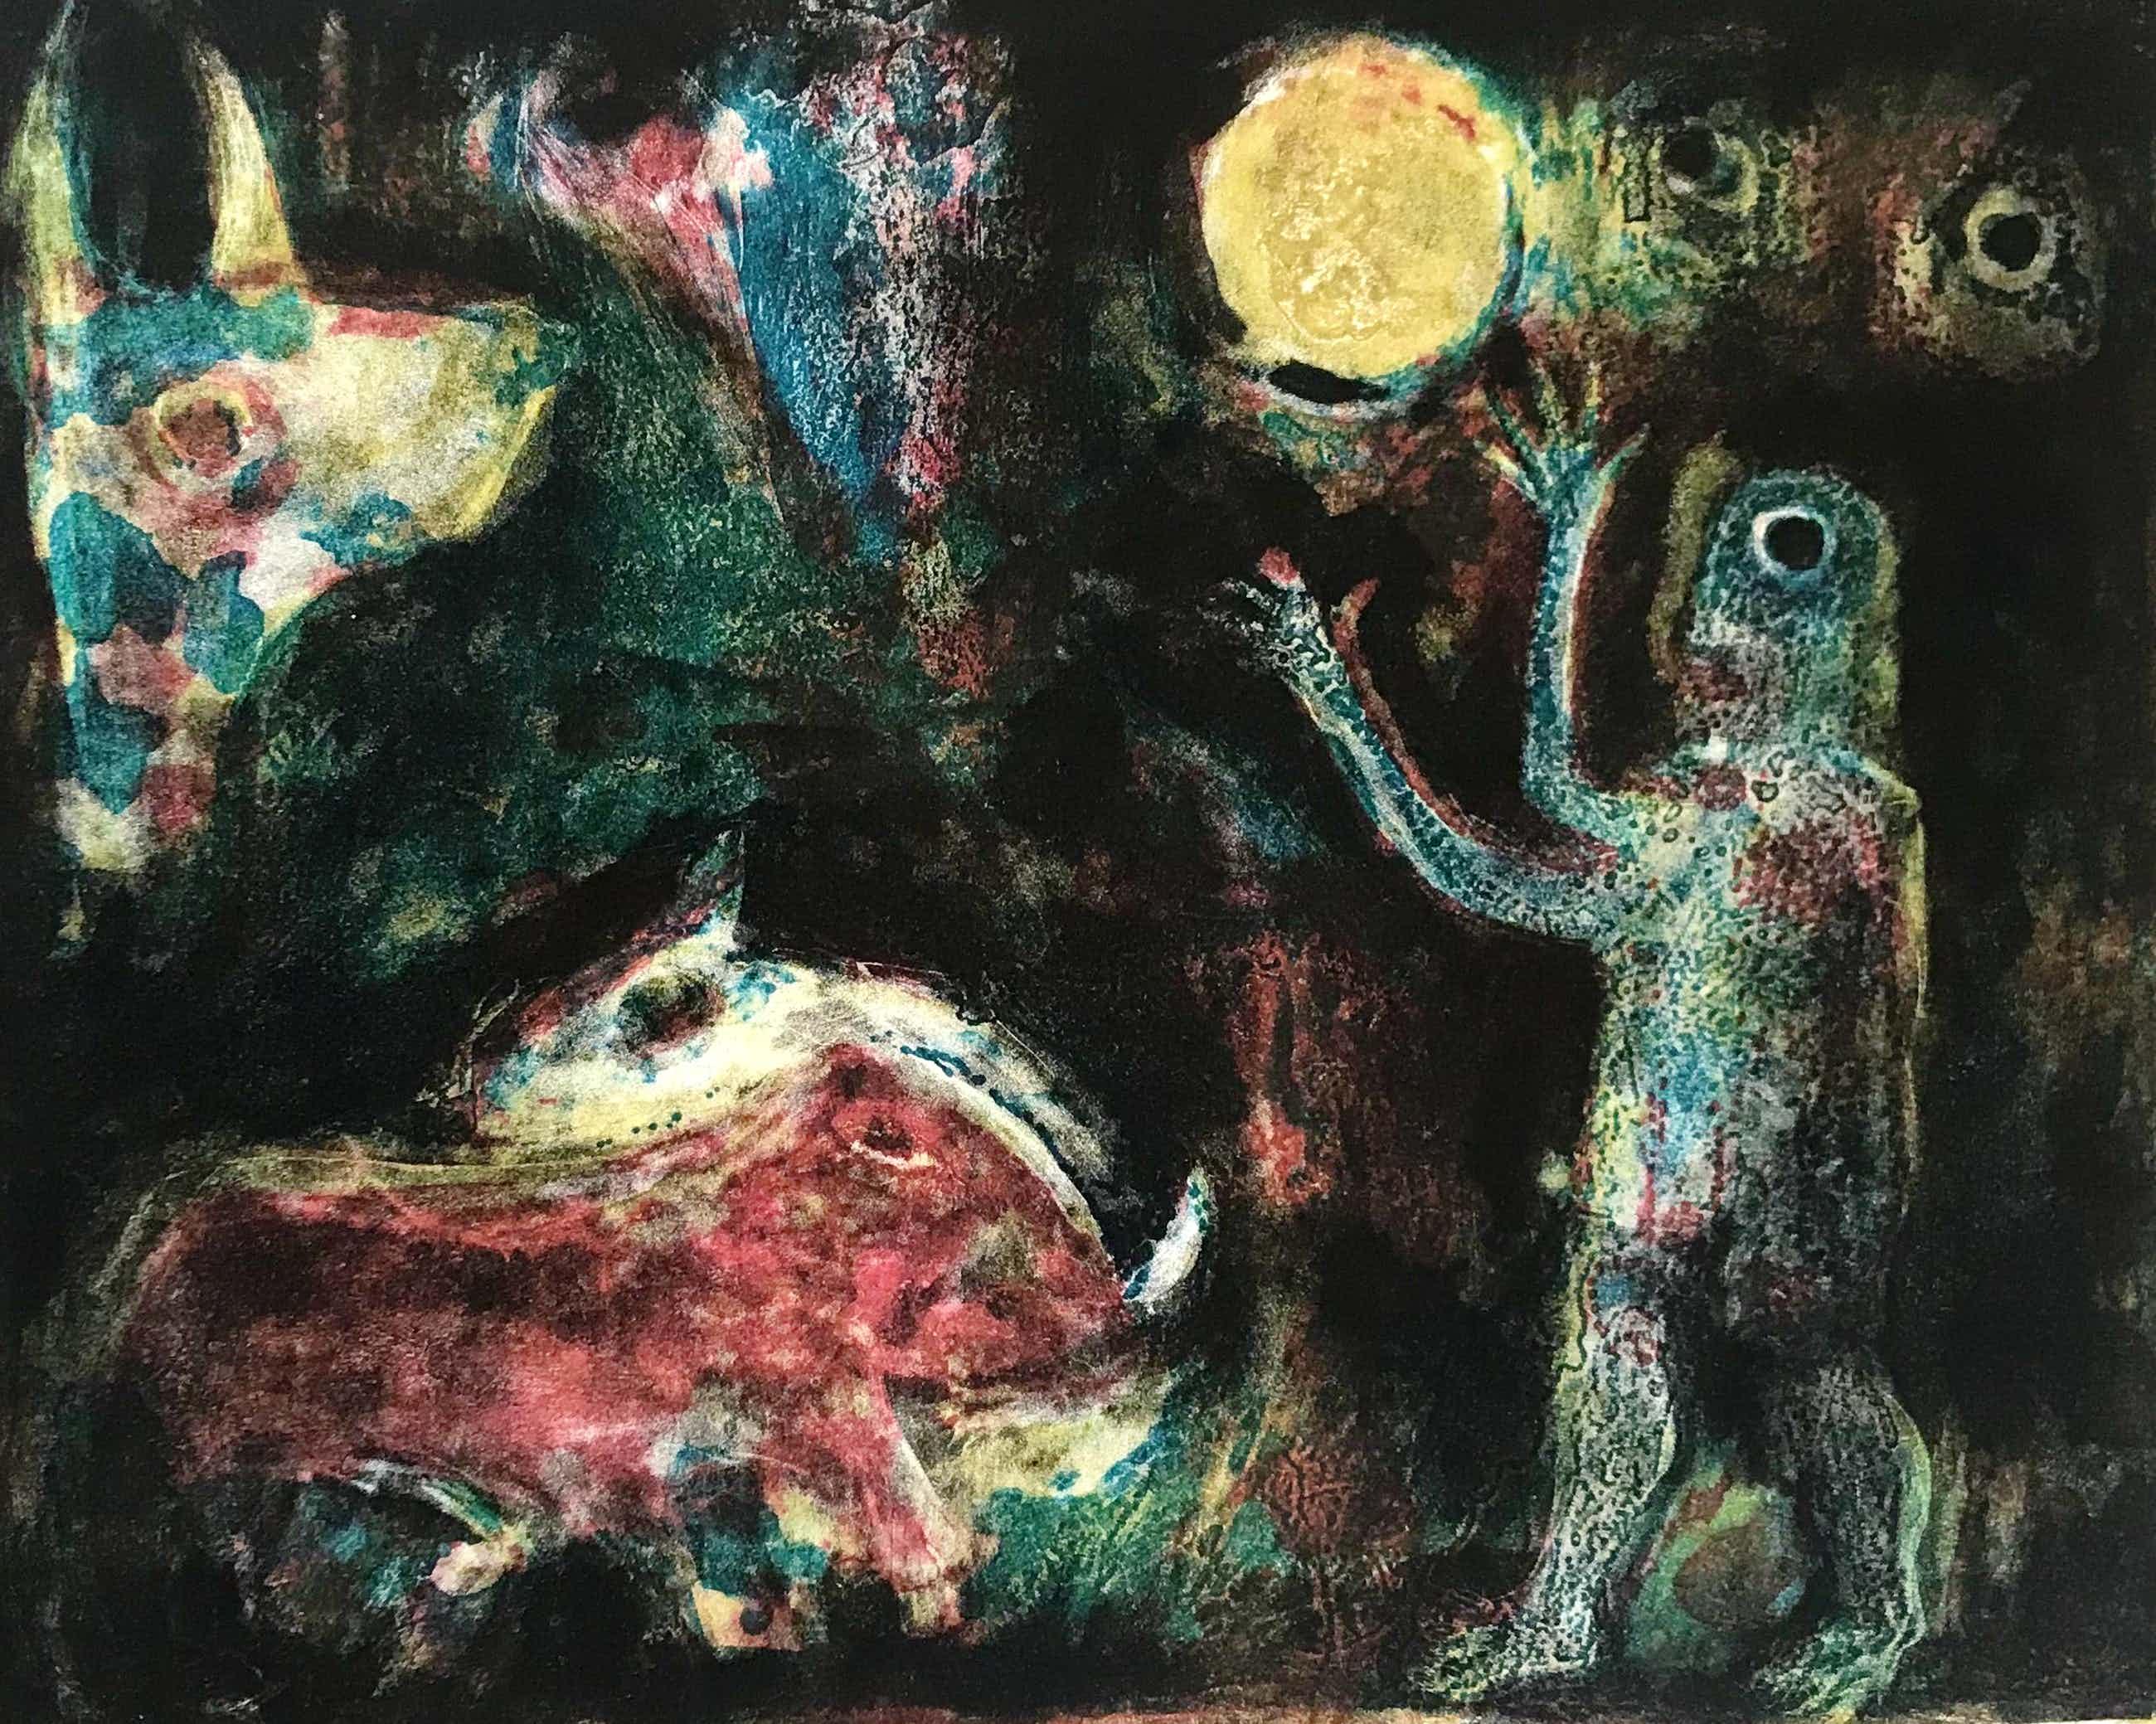 Reidar Magnus - Originele kleurenlitho - 1966 - Gesigneerd - 1/22 kopen? Bied vanaf 105!